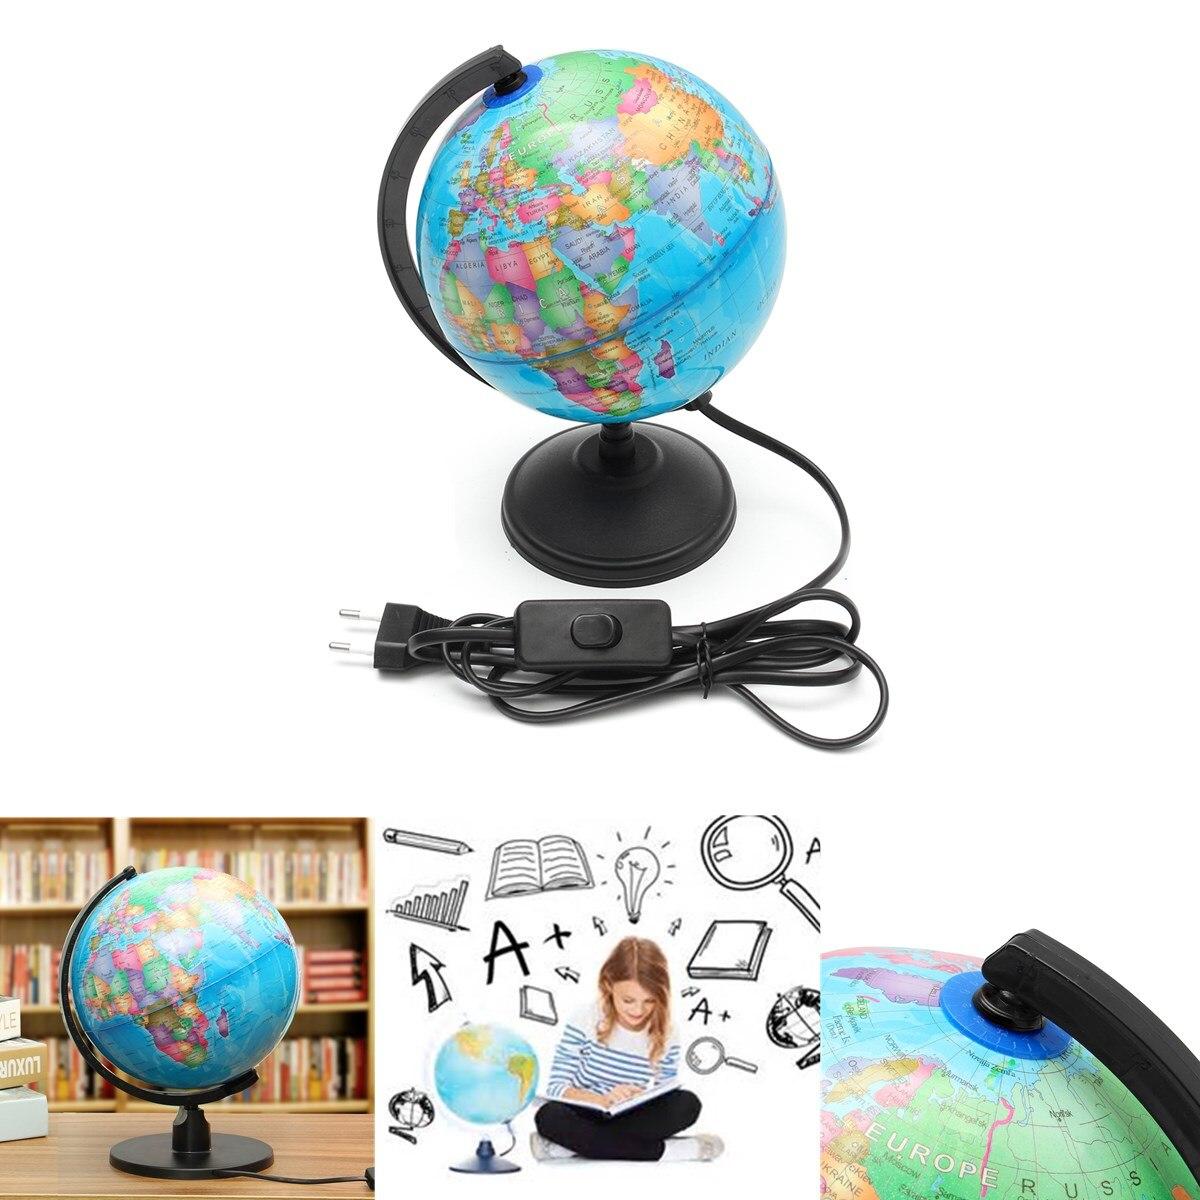 Светодиодный светильник мир земля глобус Карта география образовательная игрушка с подставкой для дома и офиса идеальные миниатюры подарок Офисные гаджеты